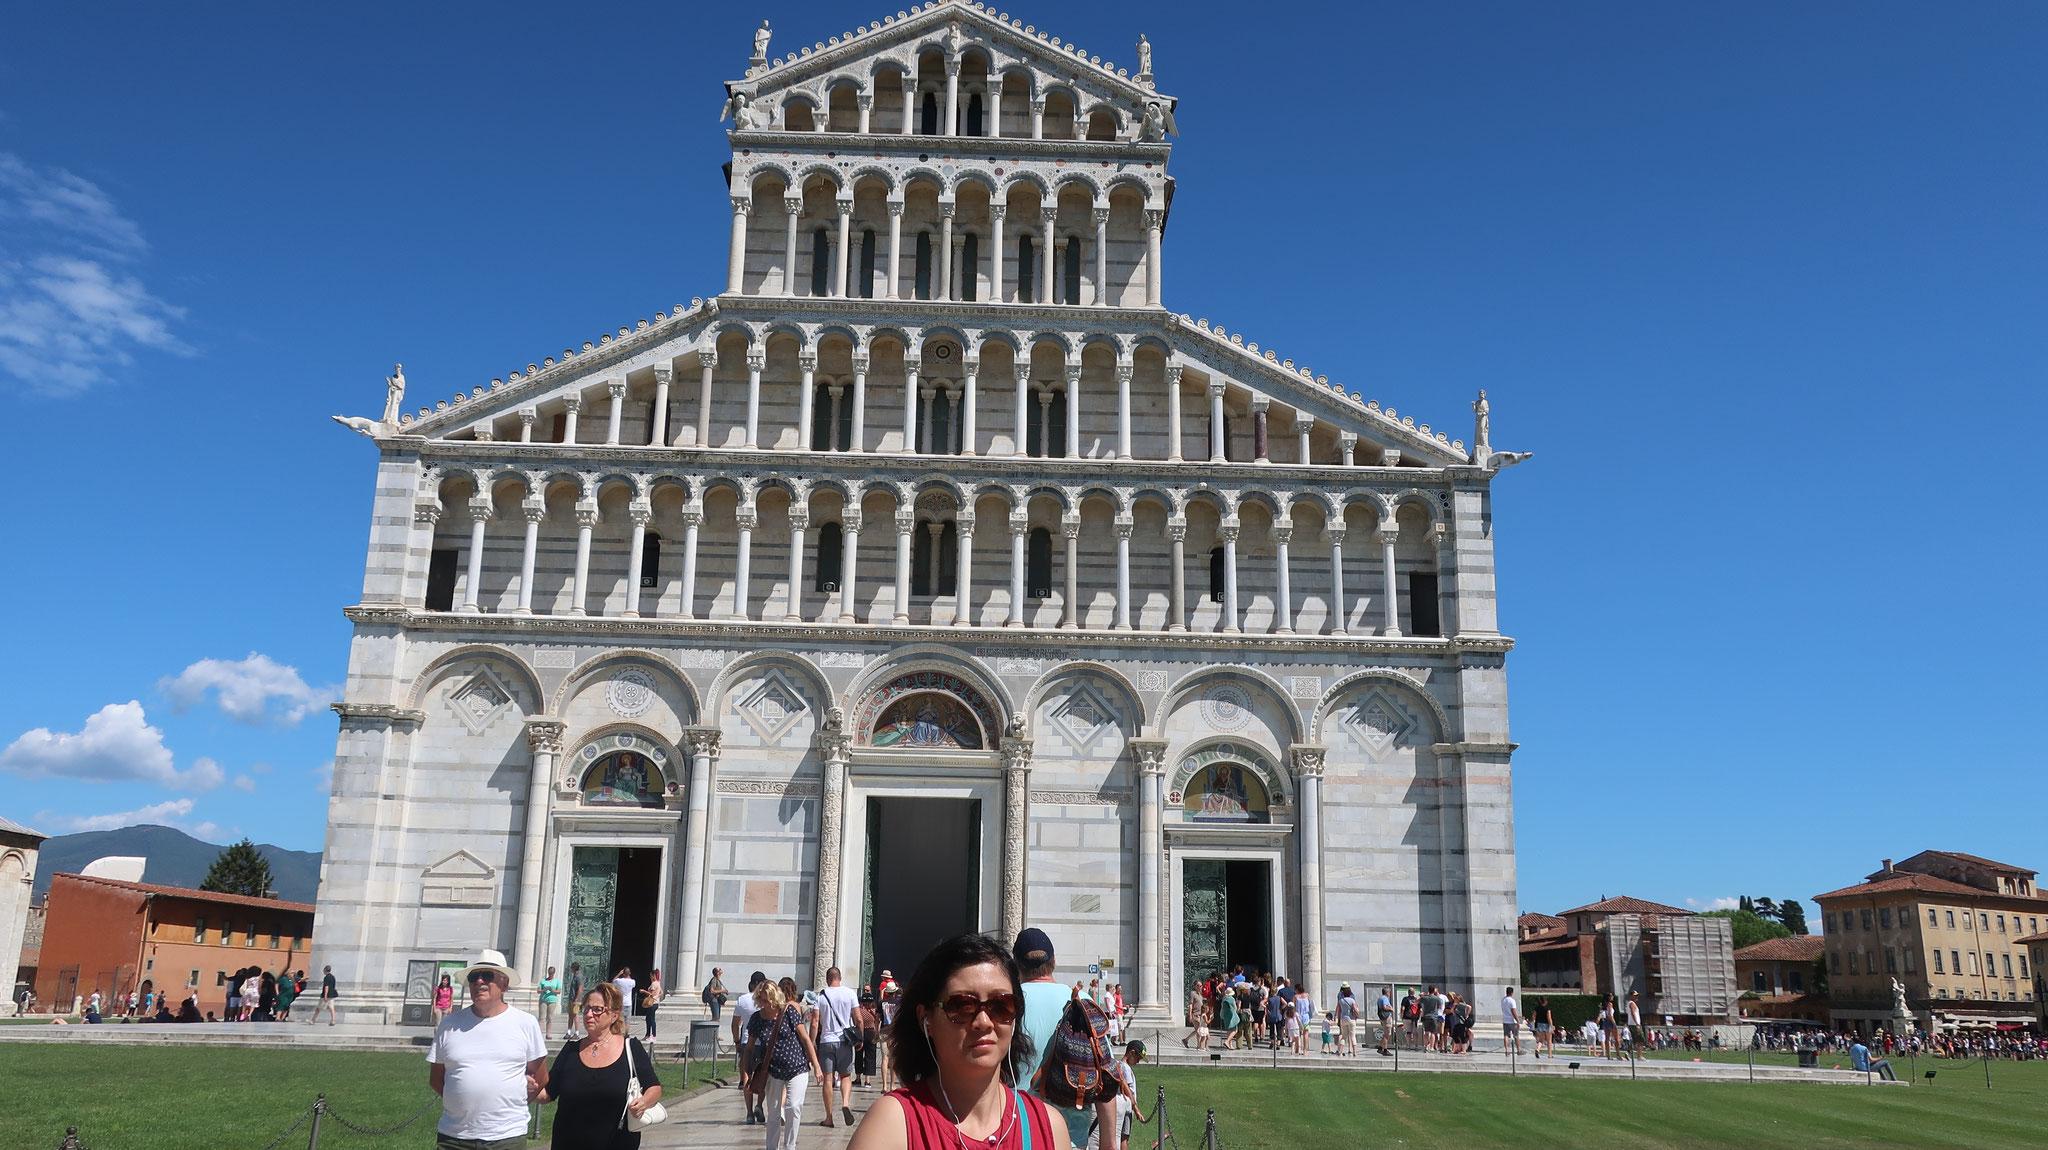 大聖堂。ピサ・ロマネスク様式の最高傑作。 十字軍に参戦したピサは11世紀にシチリアのパレルモ沖にて、イスラム艦隊と海戦し、勝利した。この時奪った金銀財宝を元に建築されました。